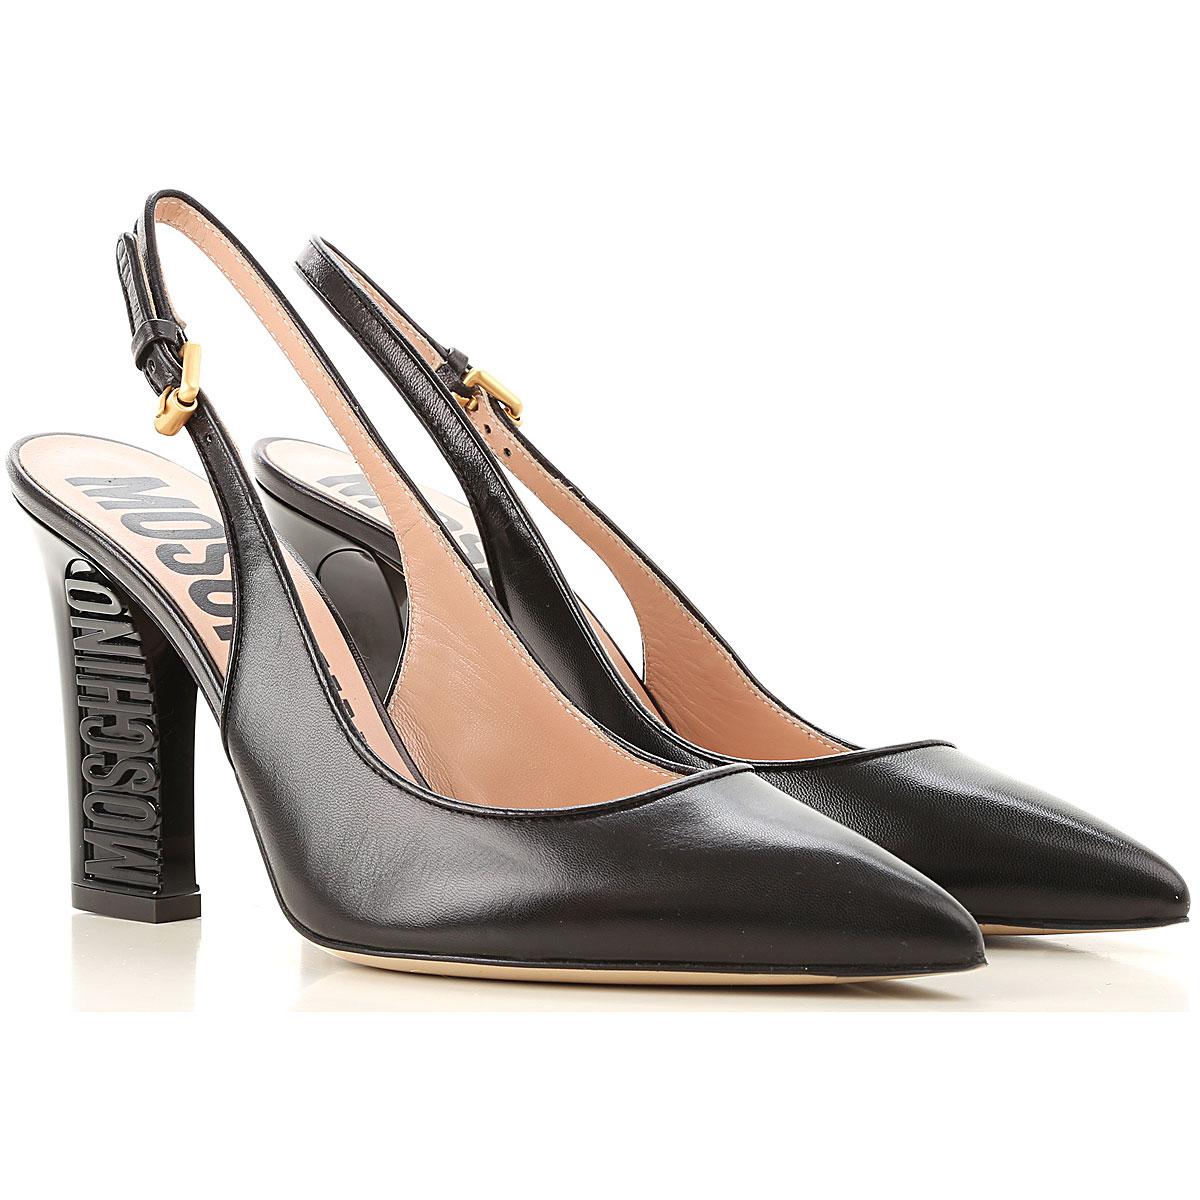 Moschino Zapatos de Tacón de Salón Baratos en Rebajas, Negro, Piel, 2017, 35 36 38 39 40